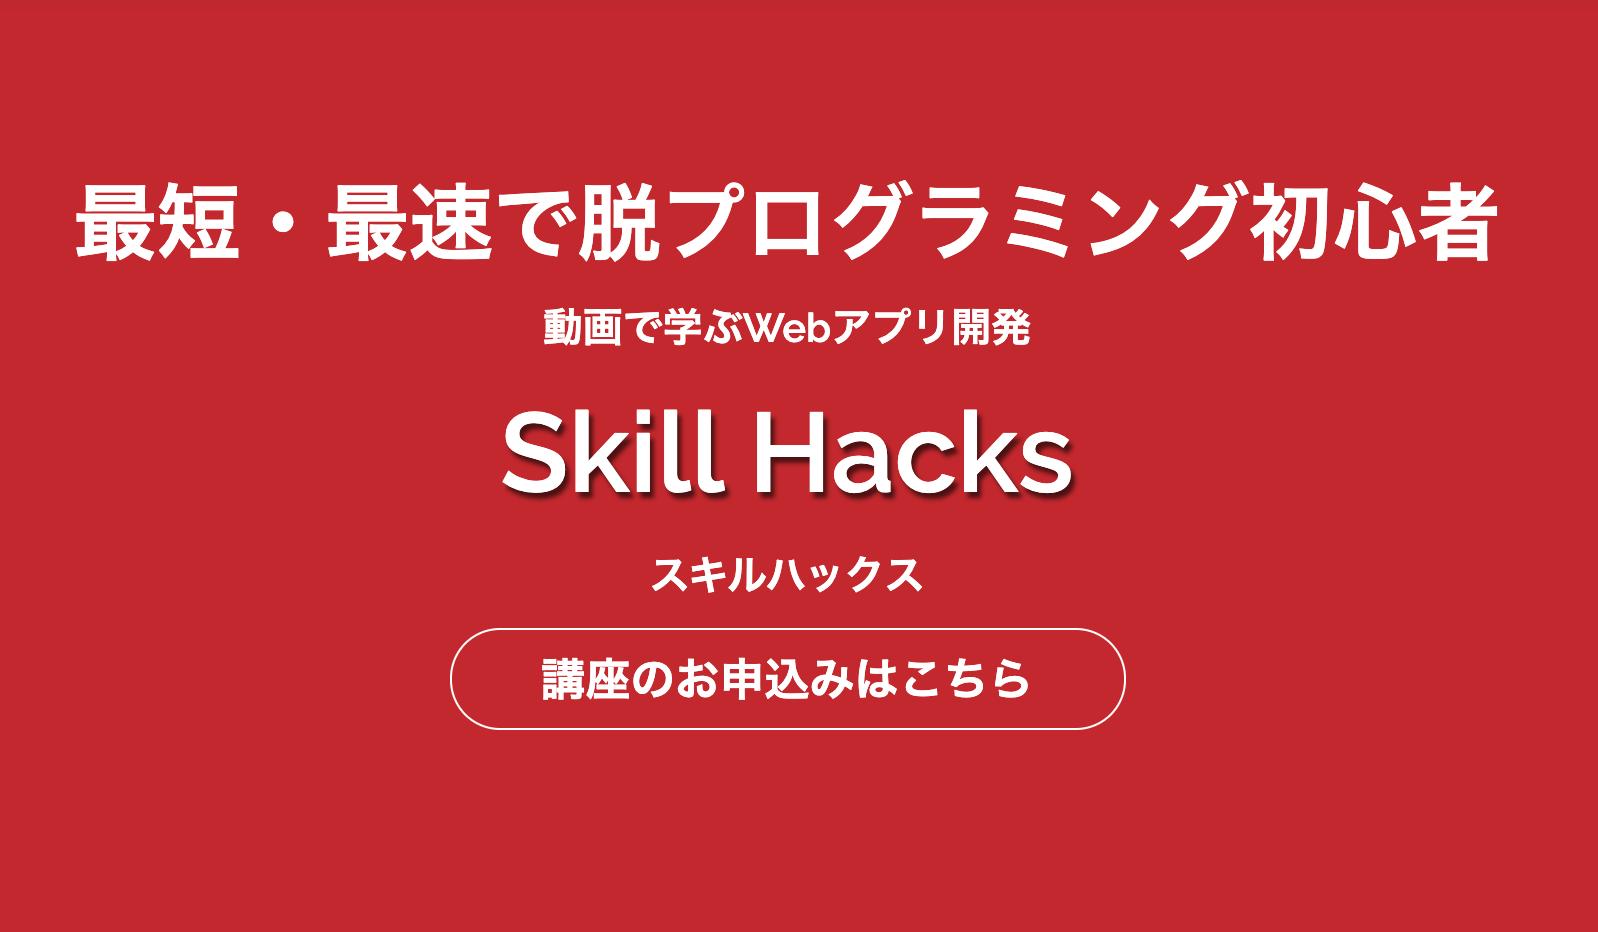 skillhacks